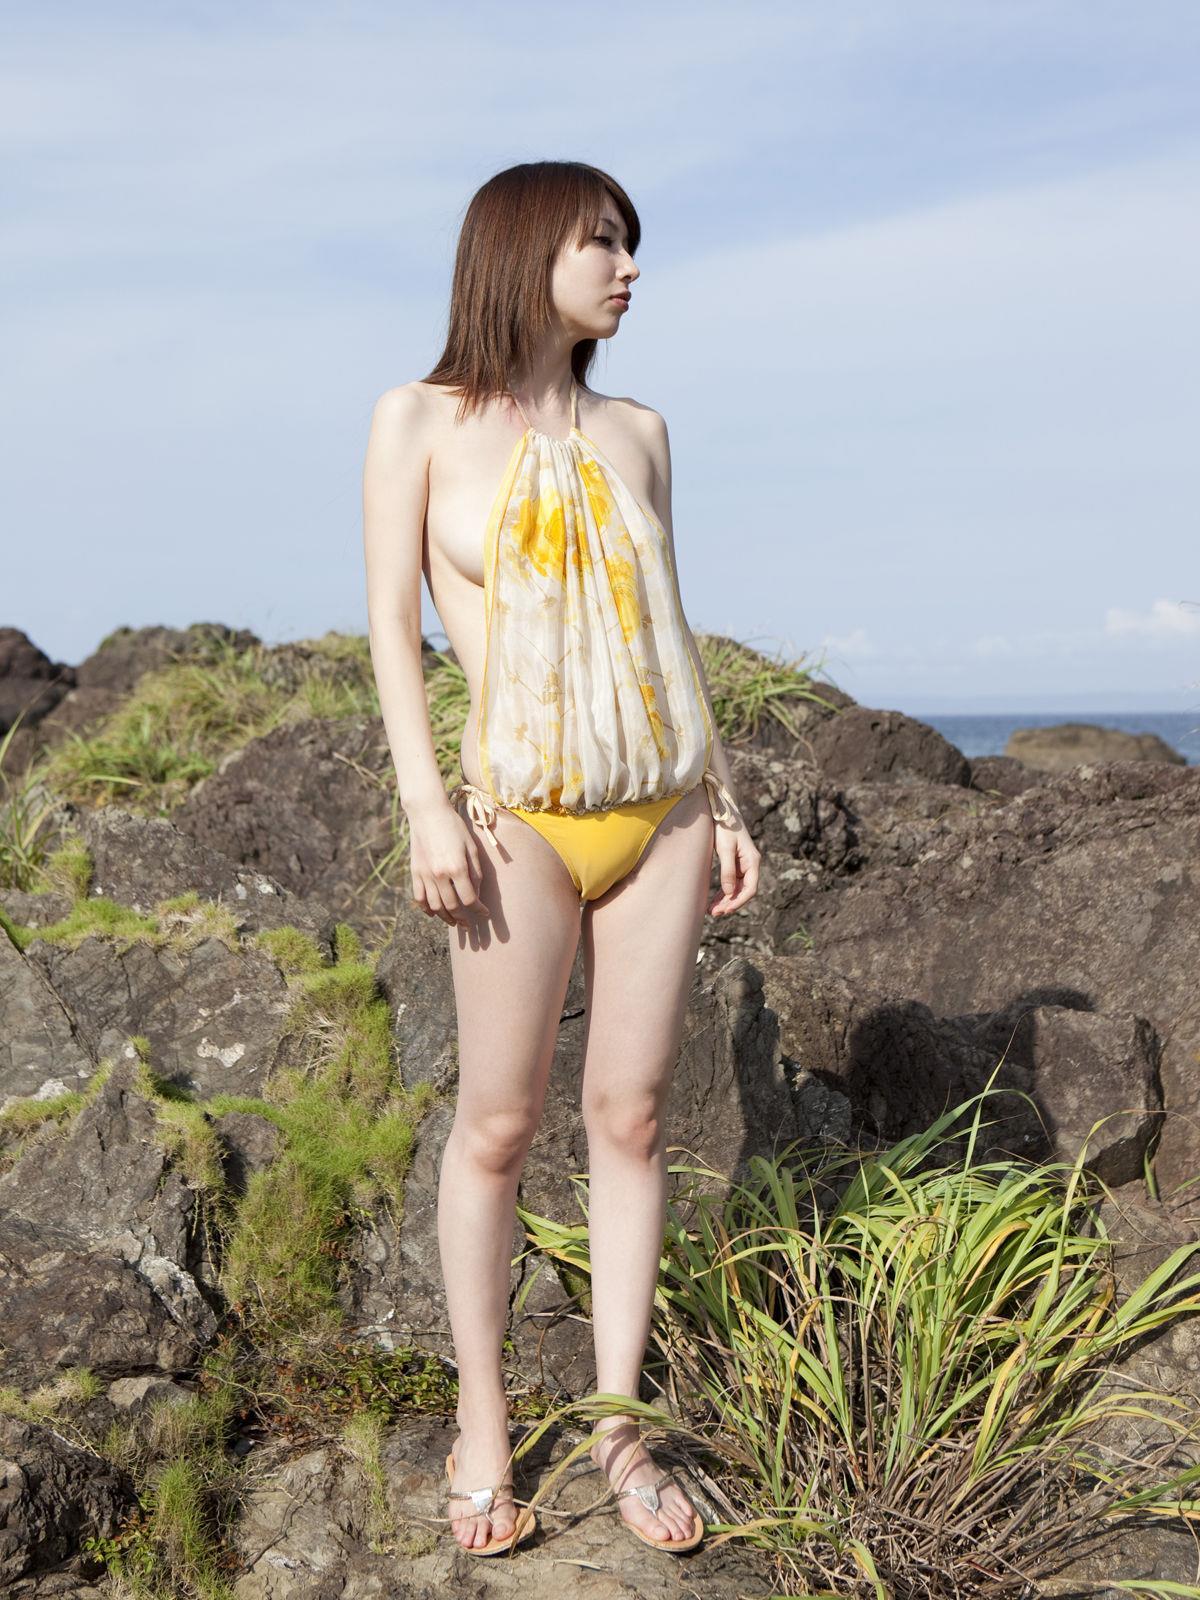 小林恵美 エロ画像 21